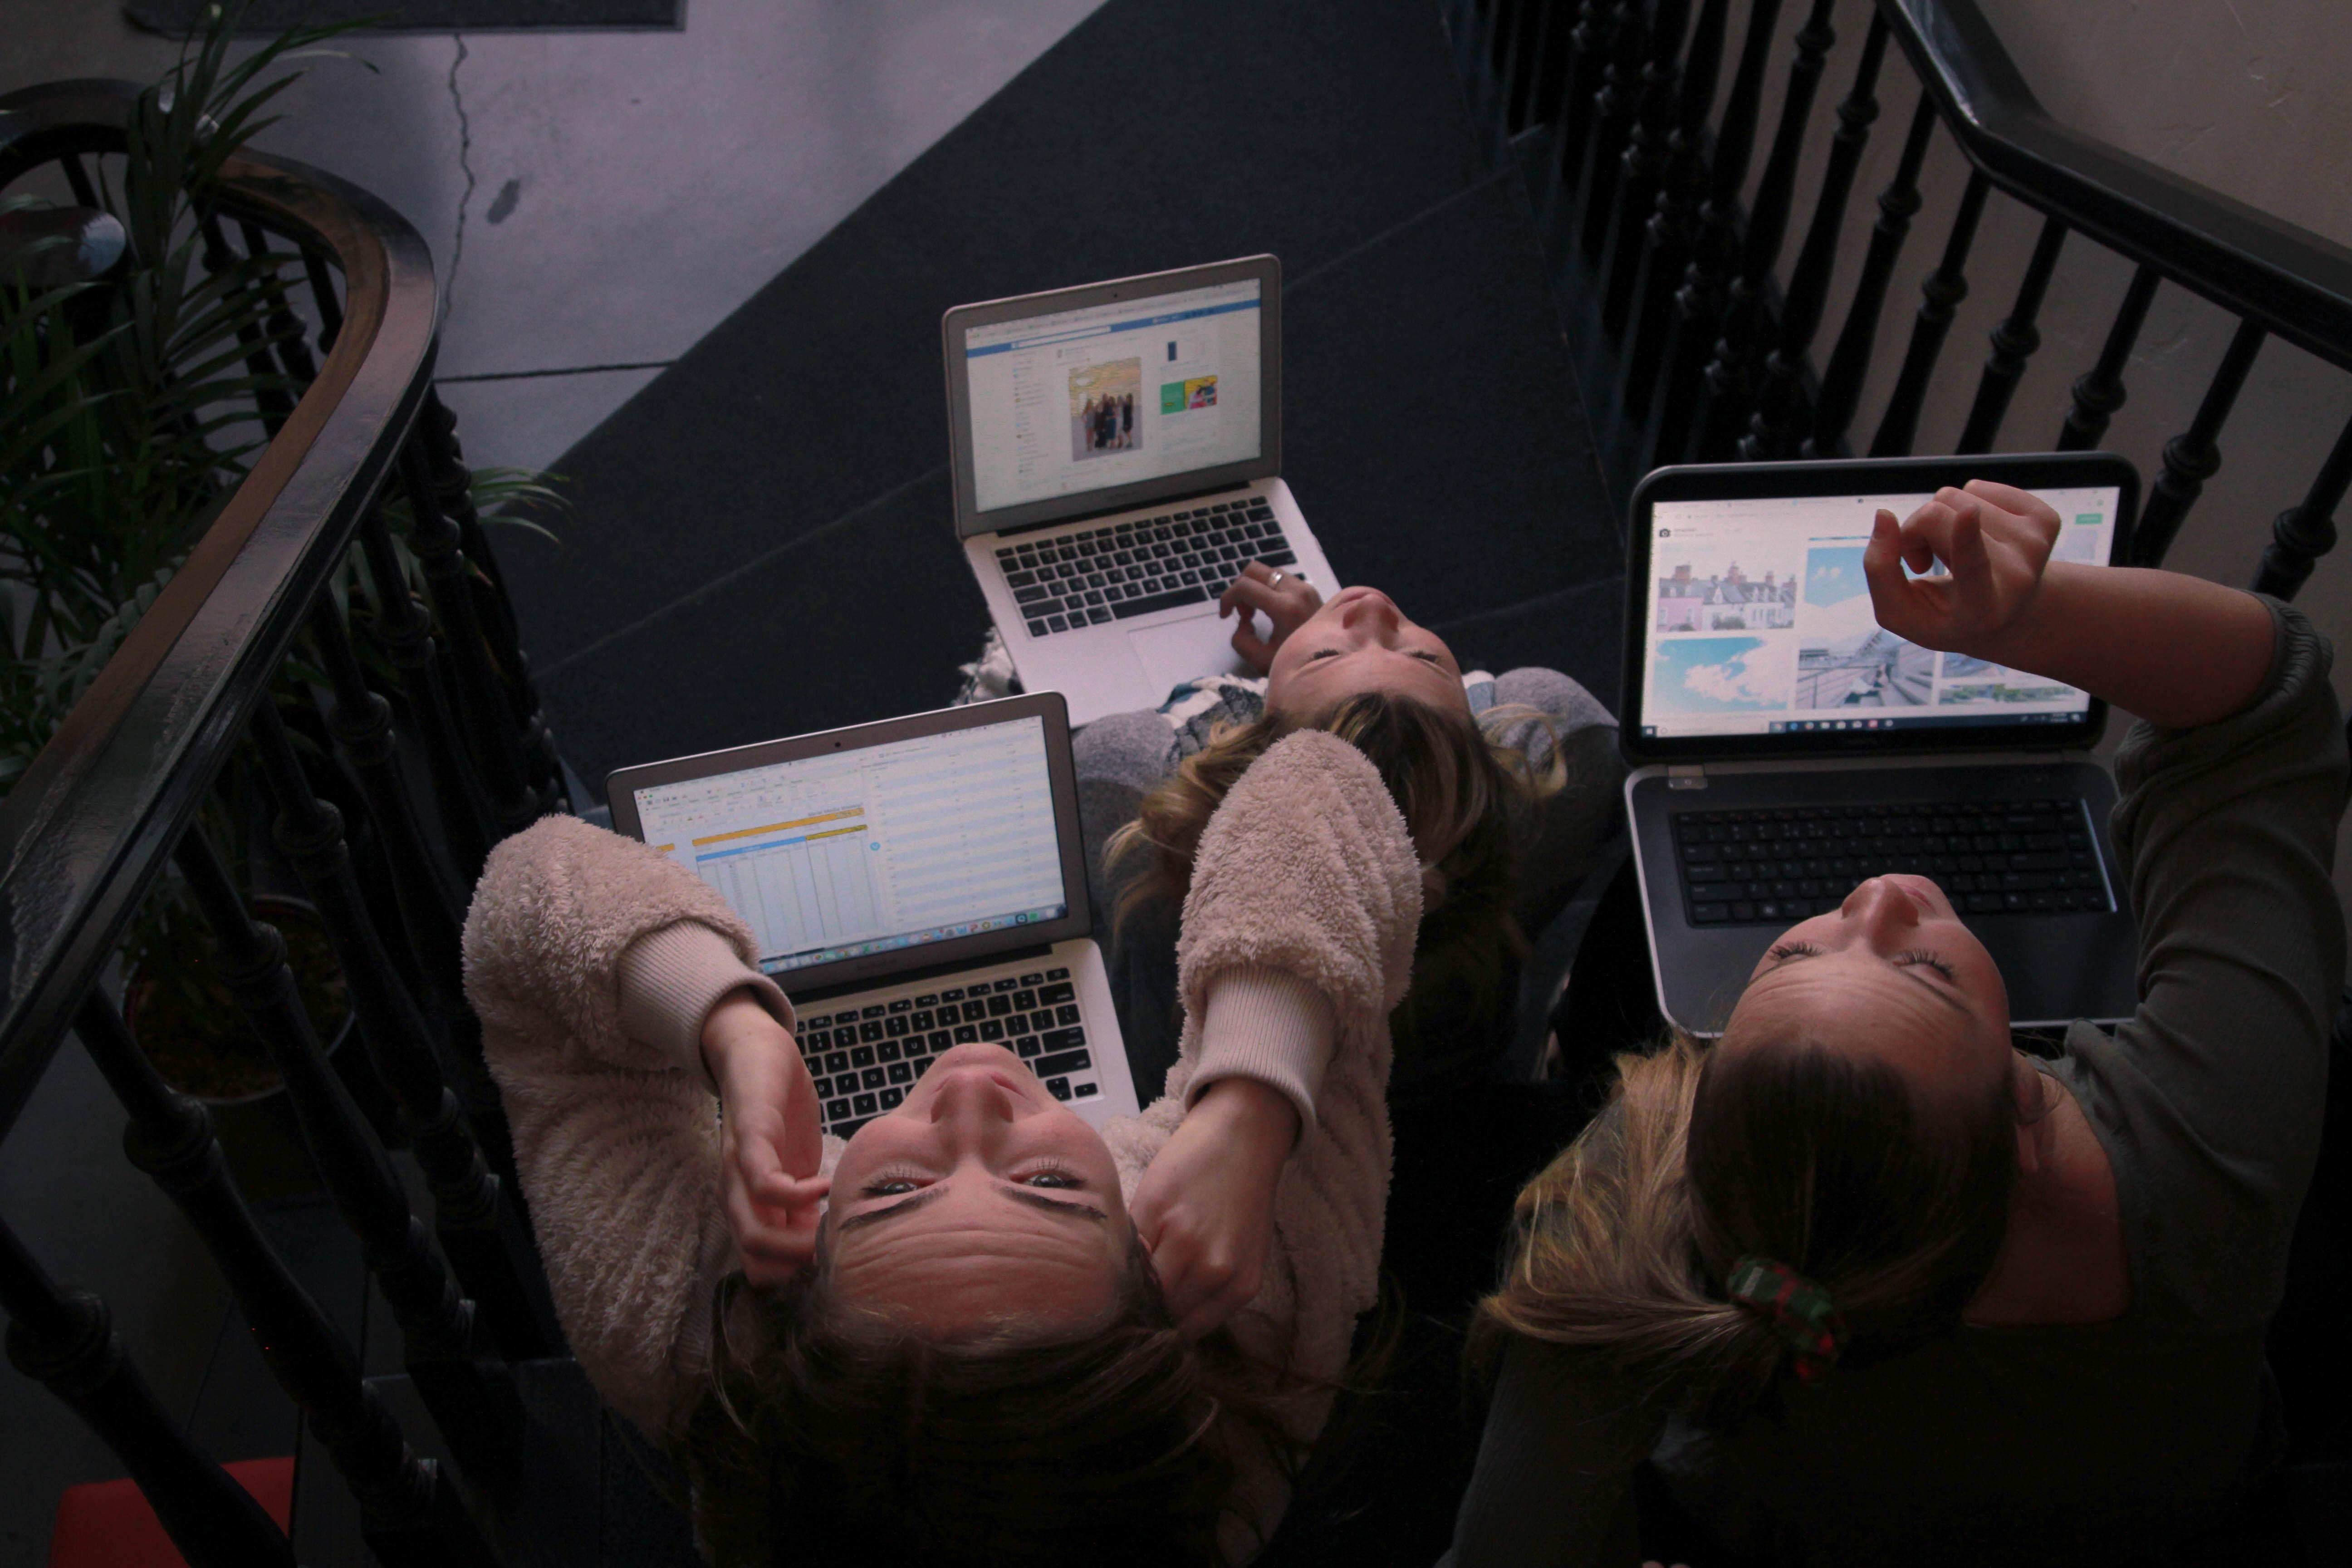 Social Warning: quando l'uso del digitale è etico e consapevole